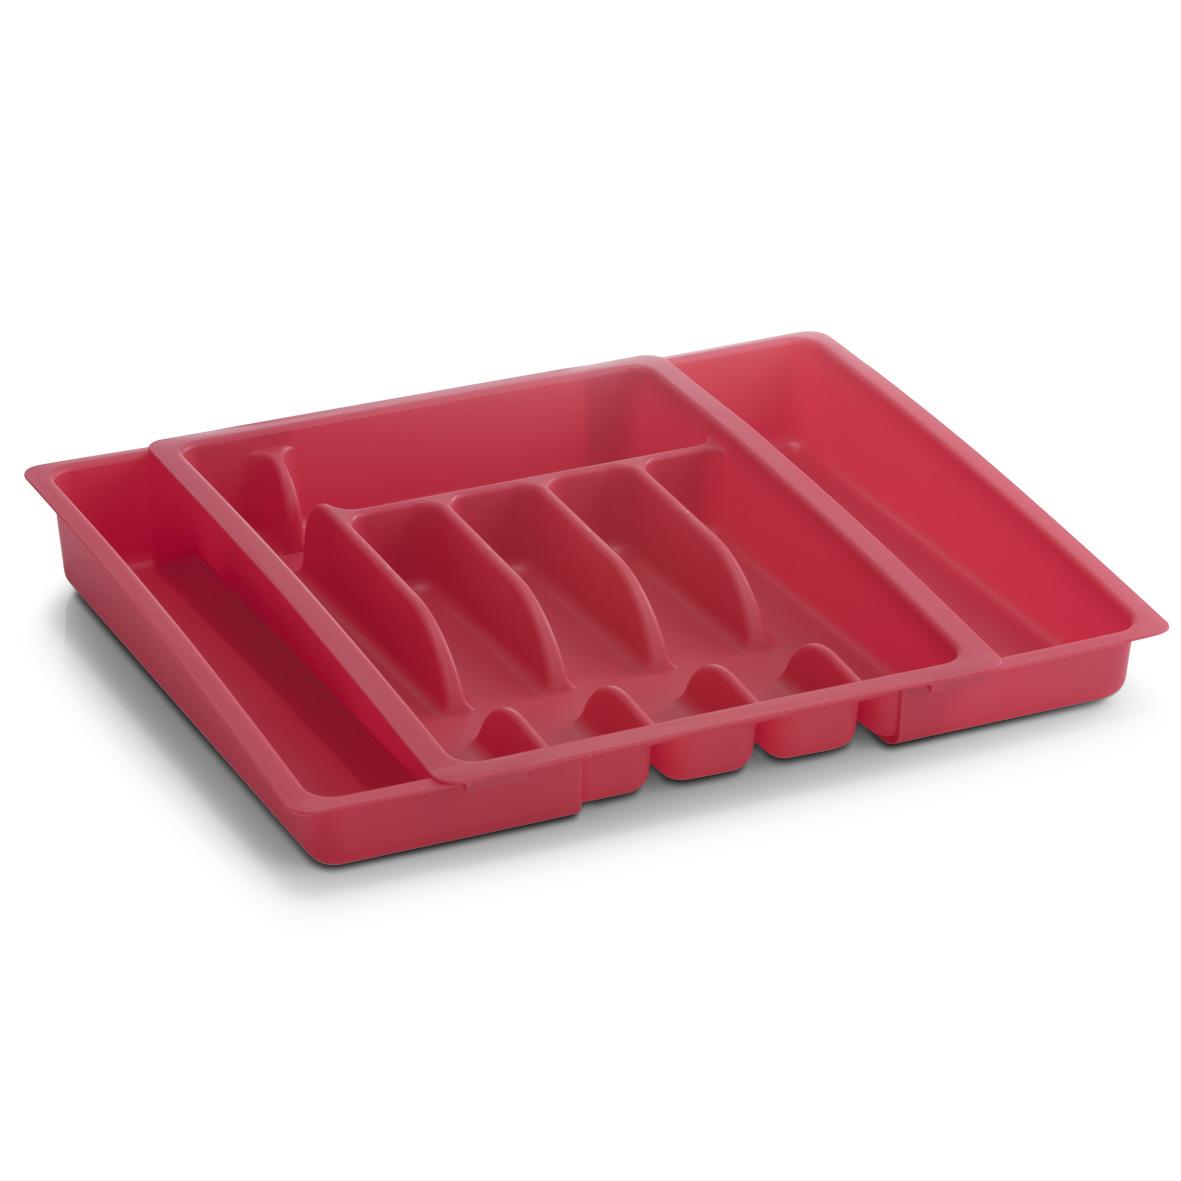 Лоток для столовых приборов Zeller, 38 х 29 х 6 смVT-1520(SR)Лоток для столовых приборов Zeller изготовлен из прочного пластика. Изделие имеет 6 отделений, в которых можно систематически разложить столовые приборы. Лоток можно разместить в кухонном ящике.